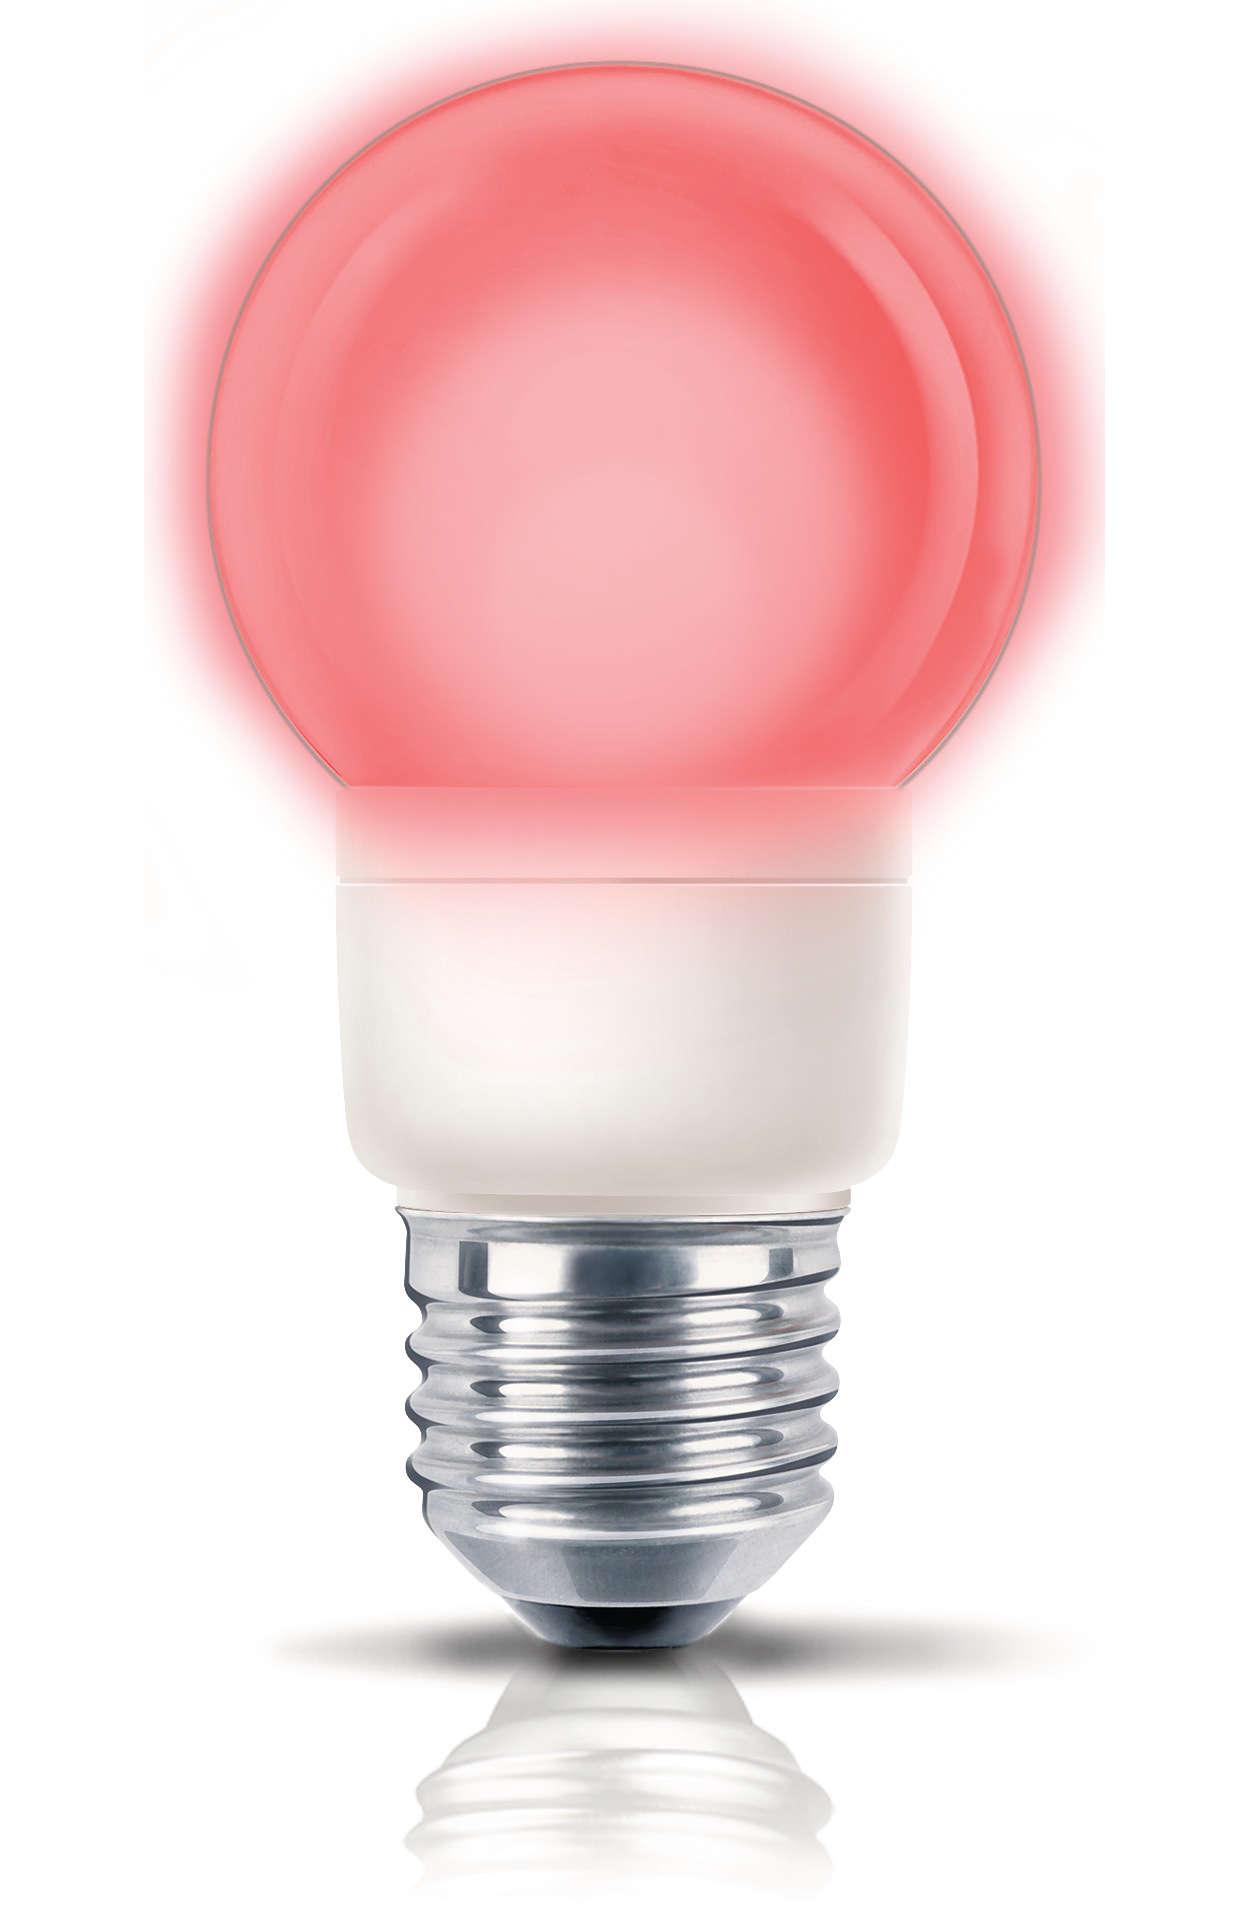 Lumière colorée et chaleureuse